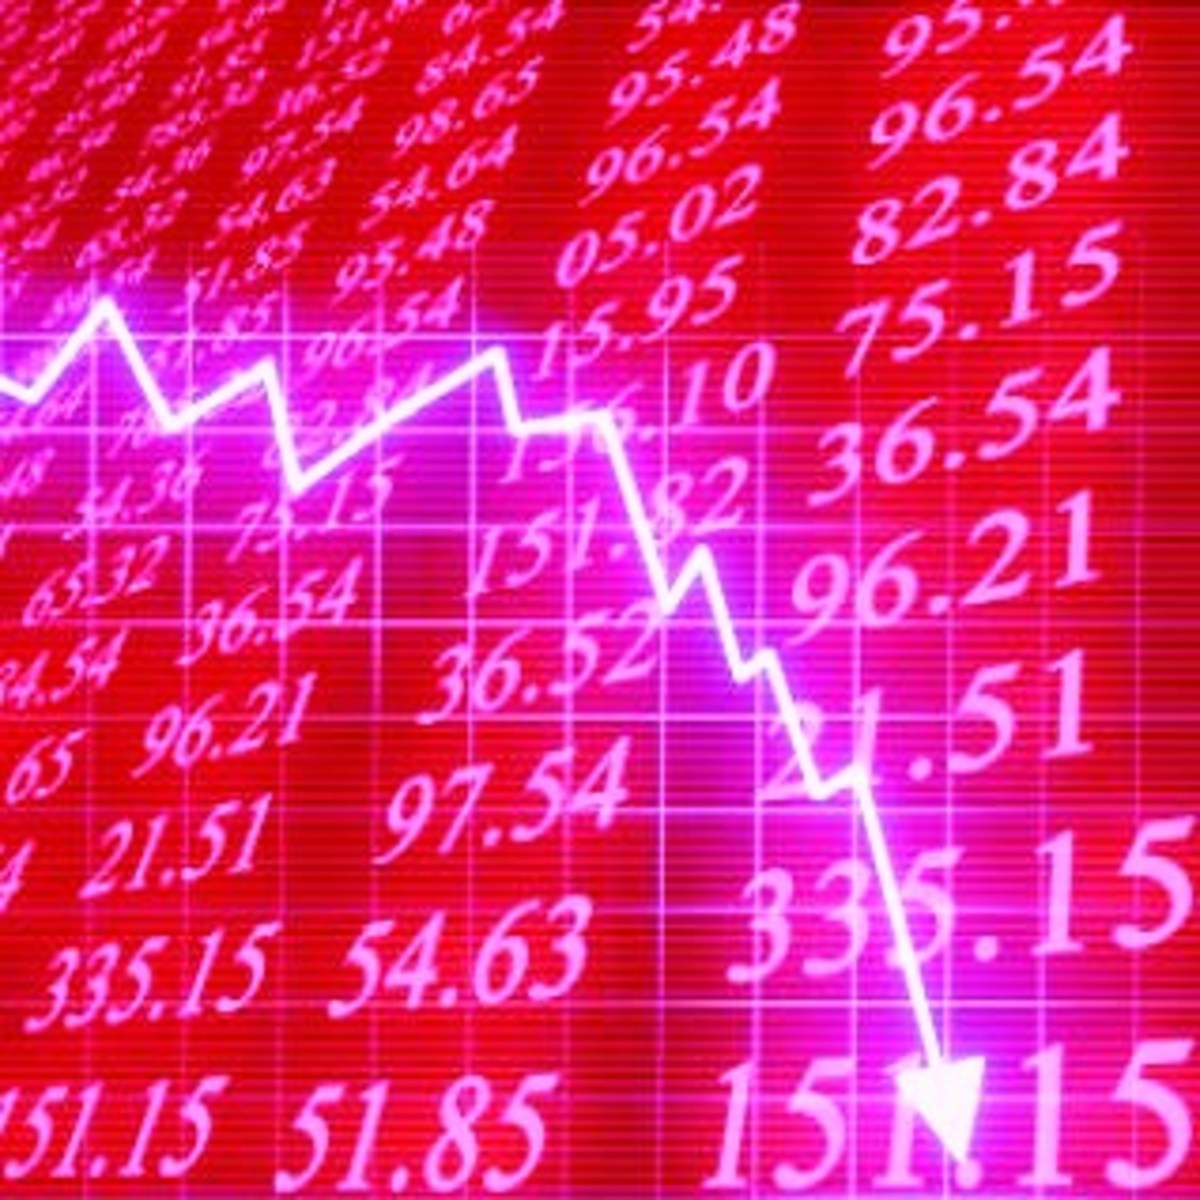 Νέα μεγάλη βουτιά για Χρηματιστήριο και ευρώ   Newsit.gr